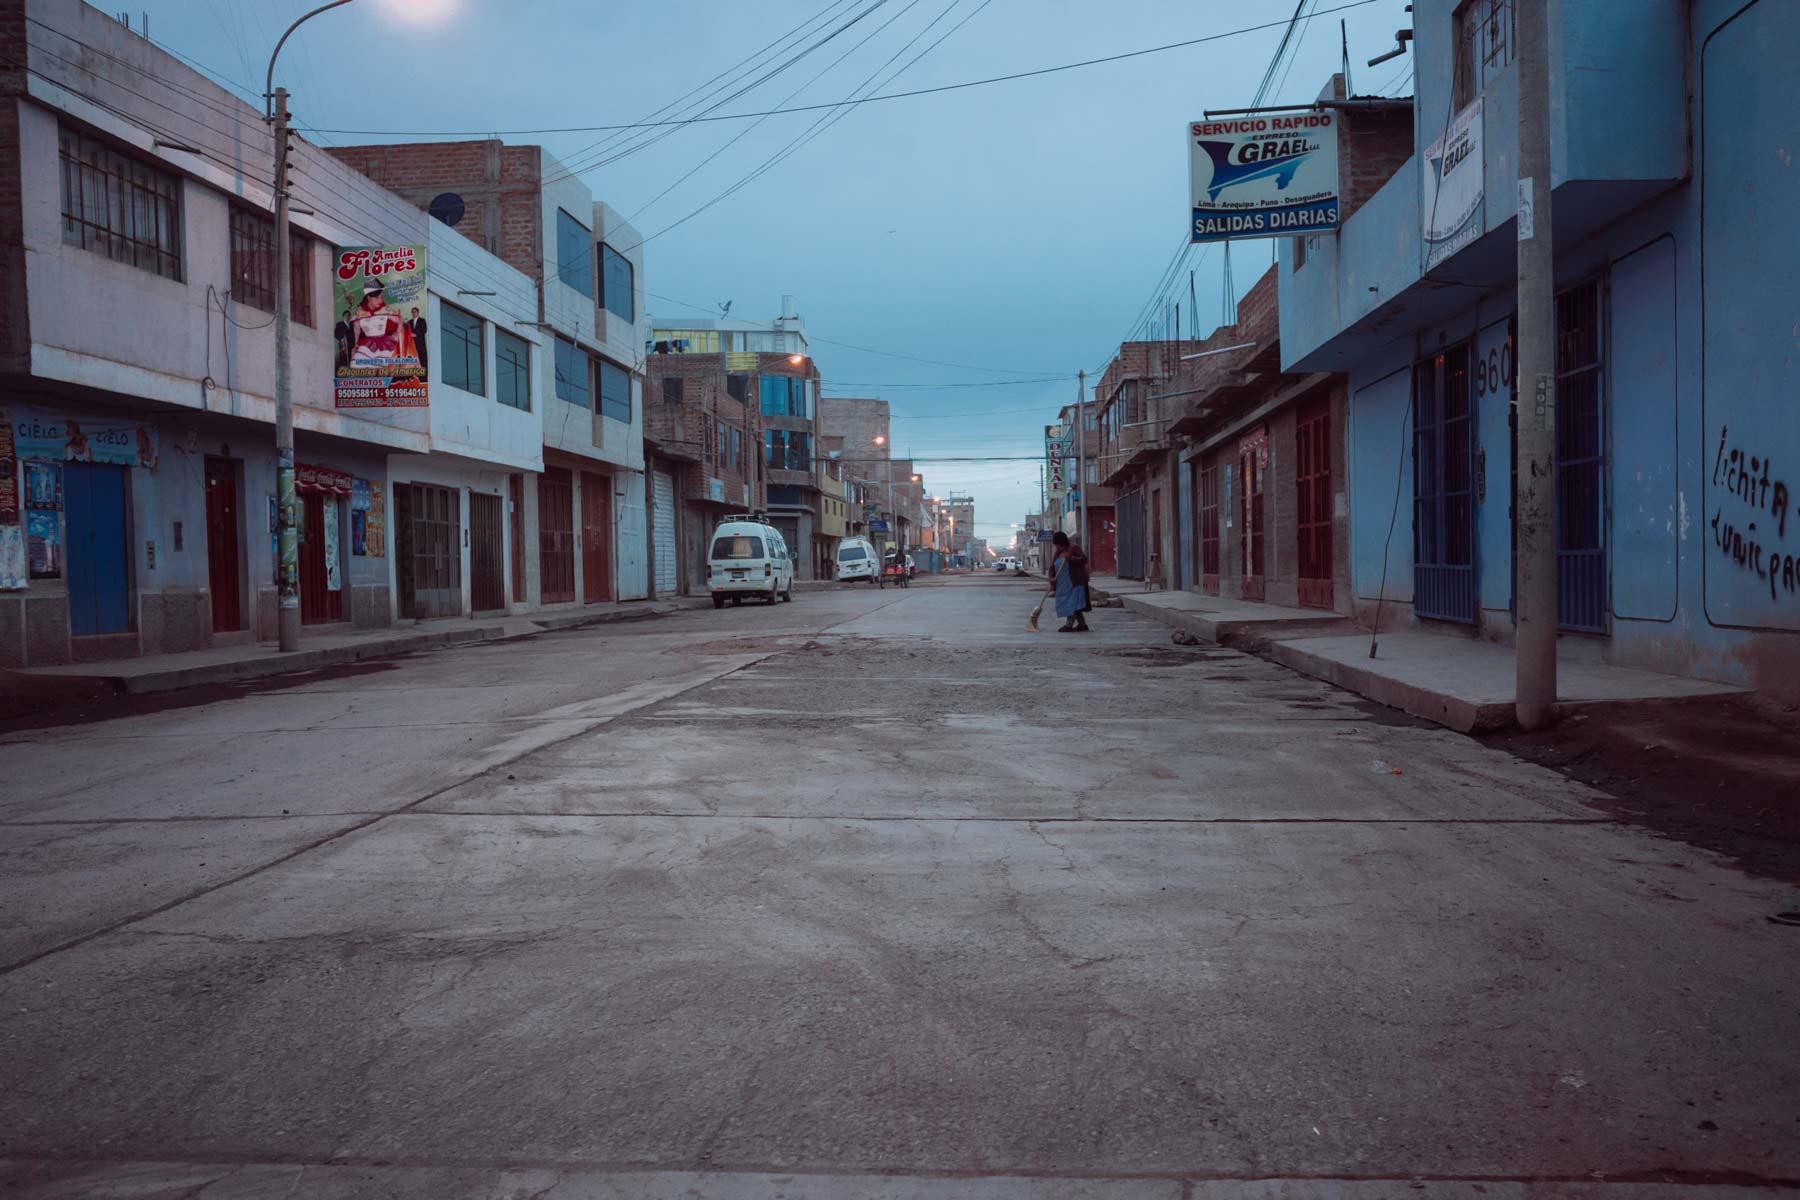 A woman sweeps an empty street as dawn breaks in Juliaca.